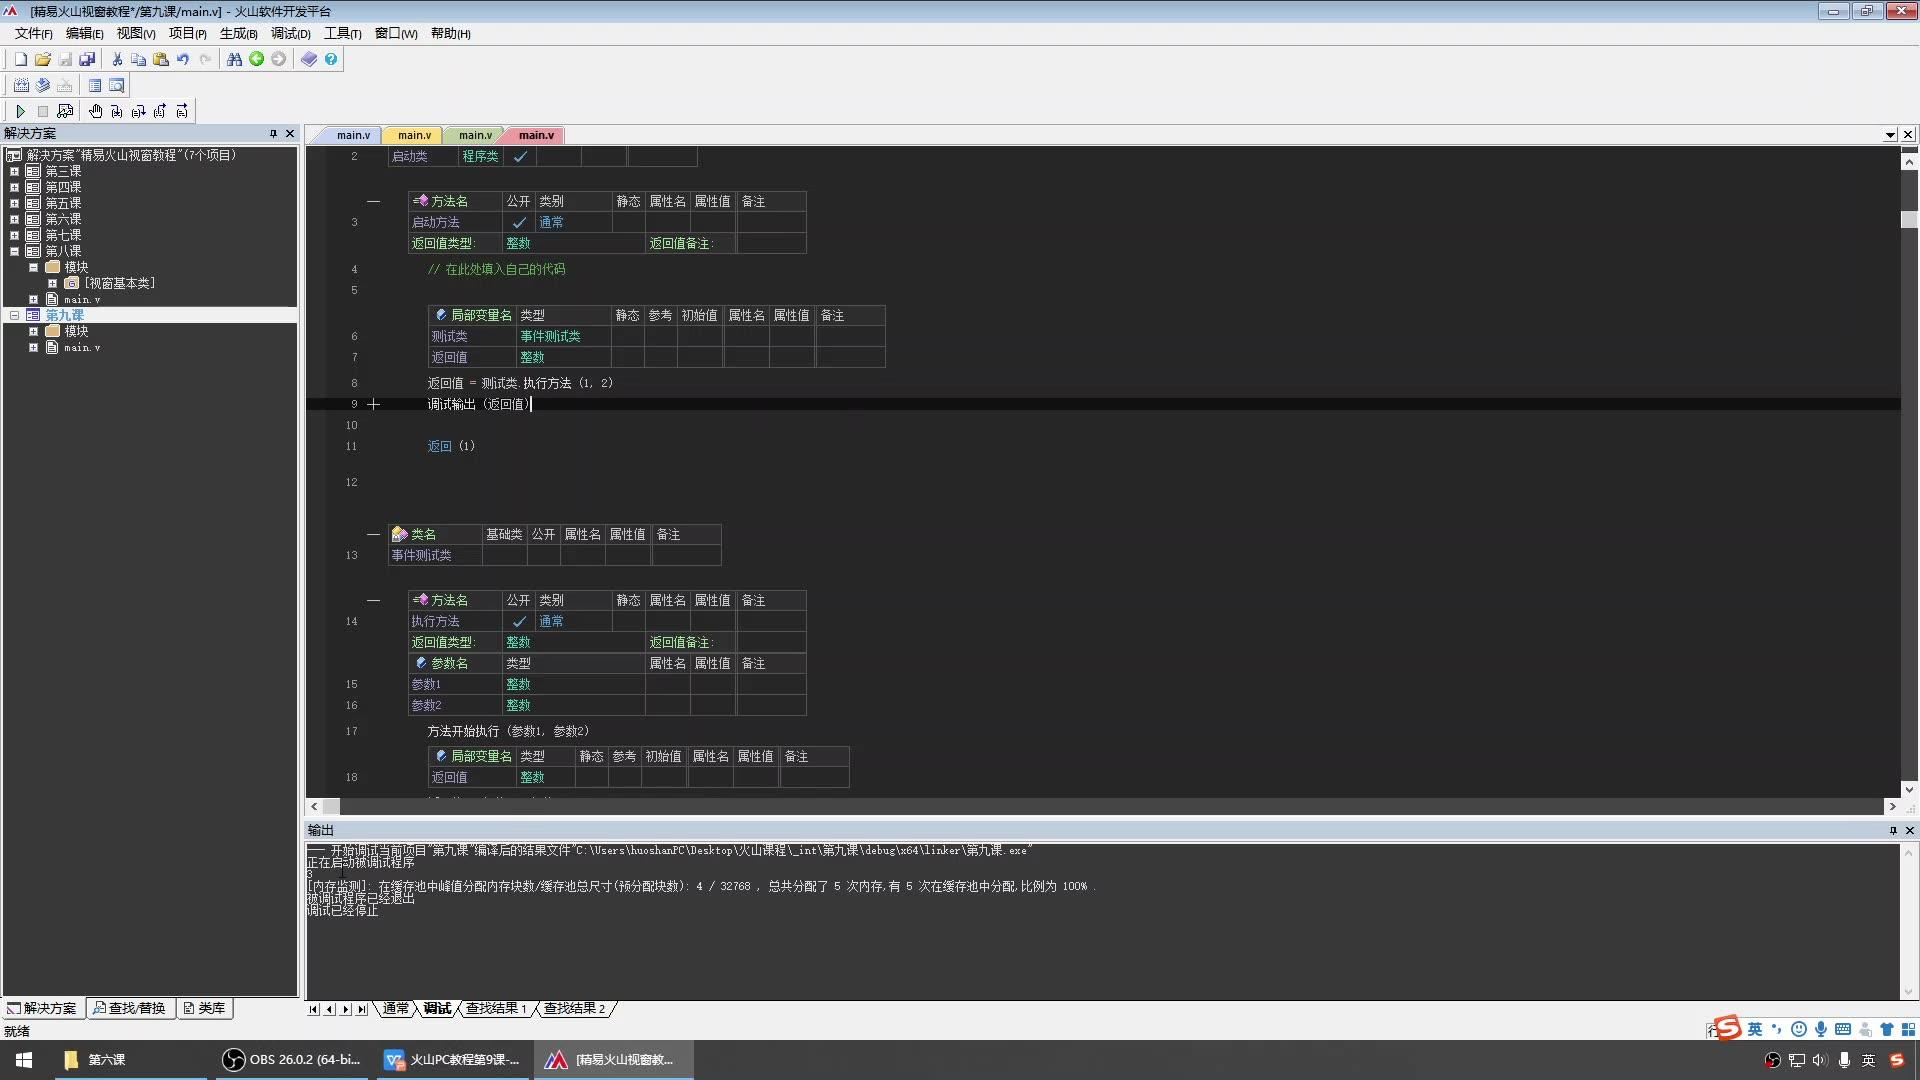 9、方法子程序2_事件和参数